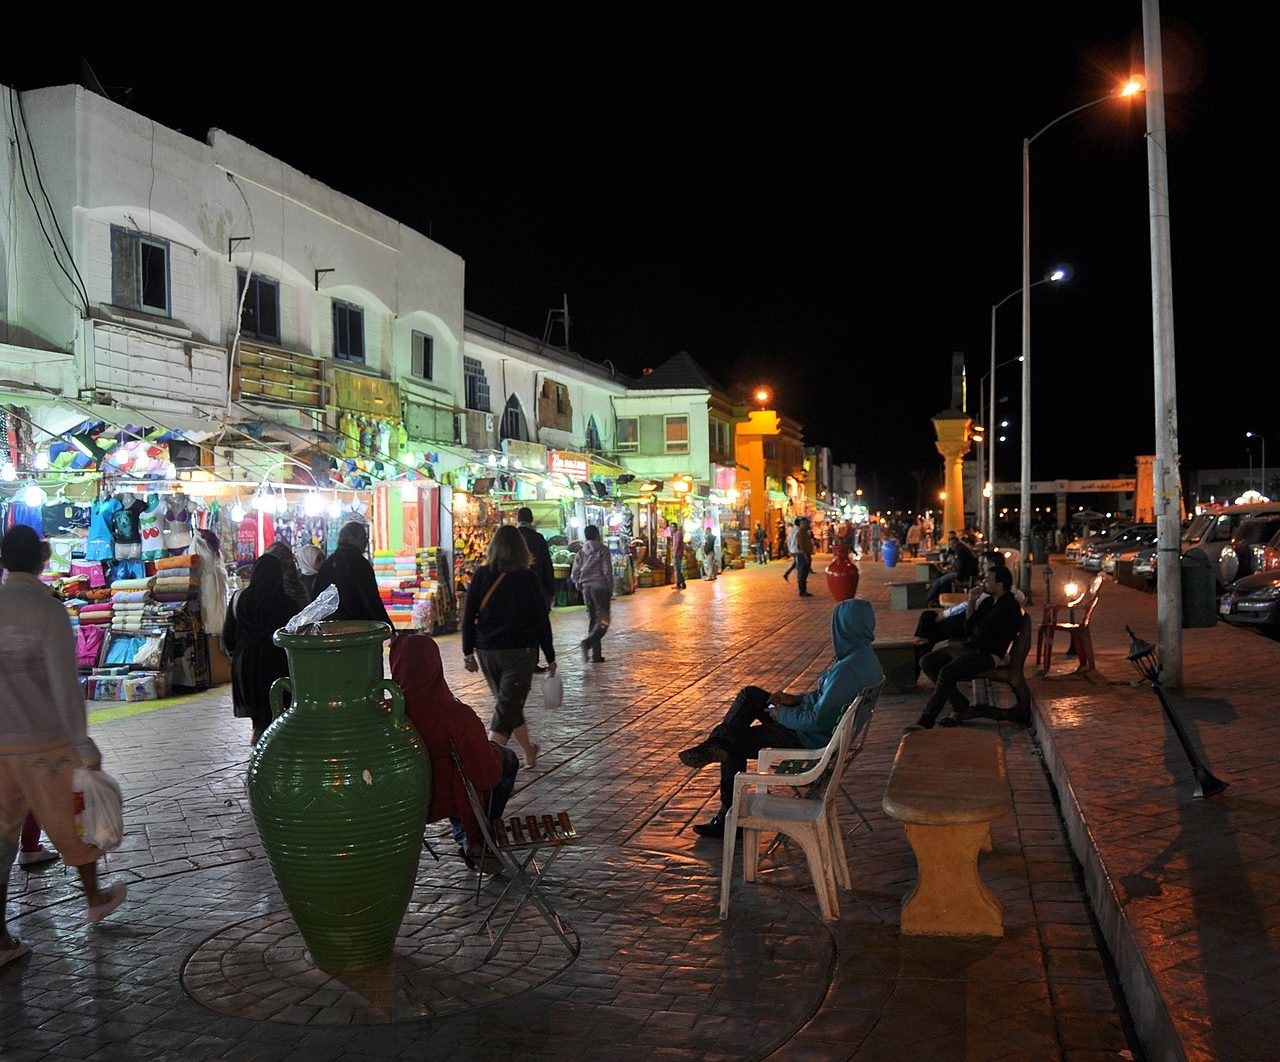 Moyen-Orient/Afrique du Nord : Ce qu'il ne fallait pas manquer de l'actualité économique cette semaine